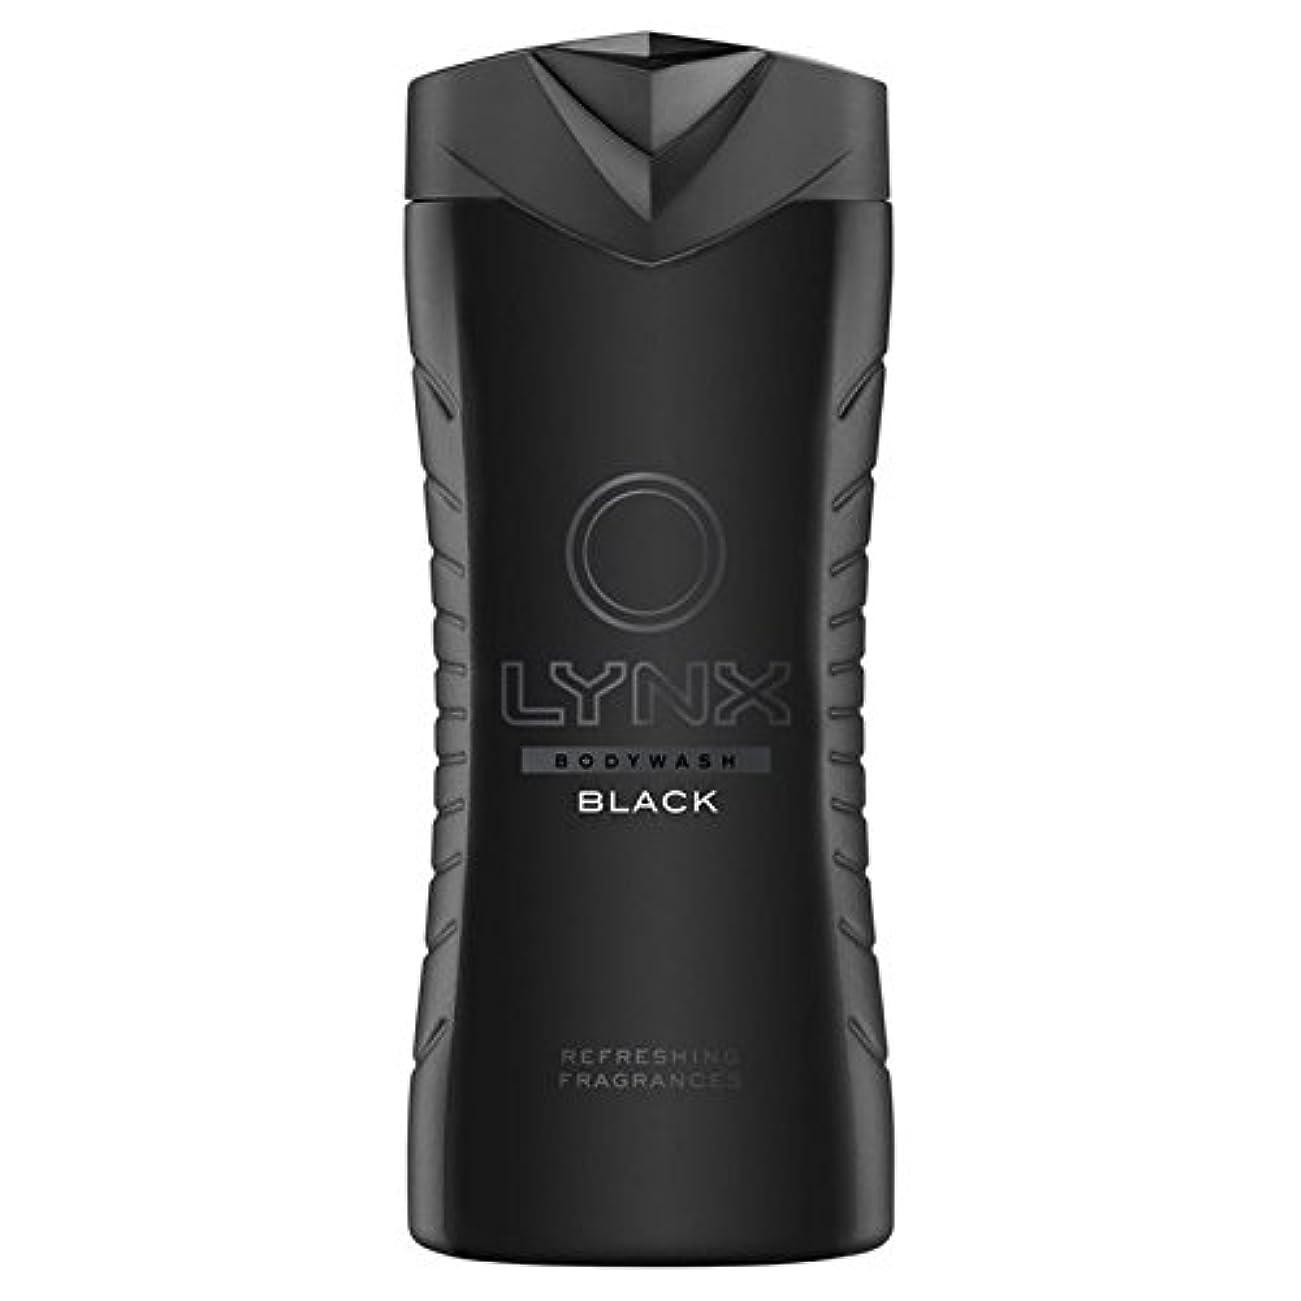 検索存在する反射オオヤマネコブラックシャワージェル400ミリリットル x2 - Lynx Black Shower Gel 400ml (Pack of 2) [並行輸入品]